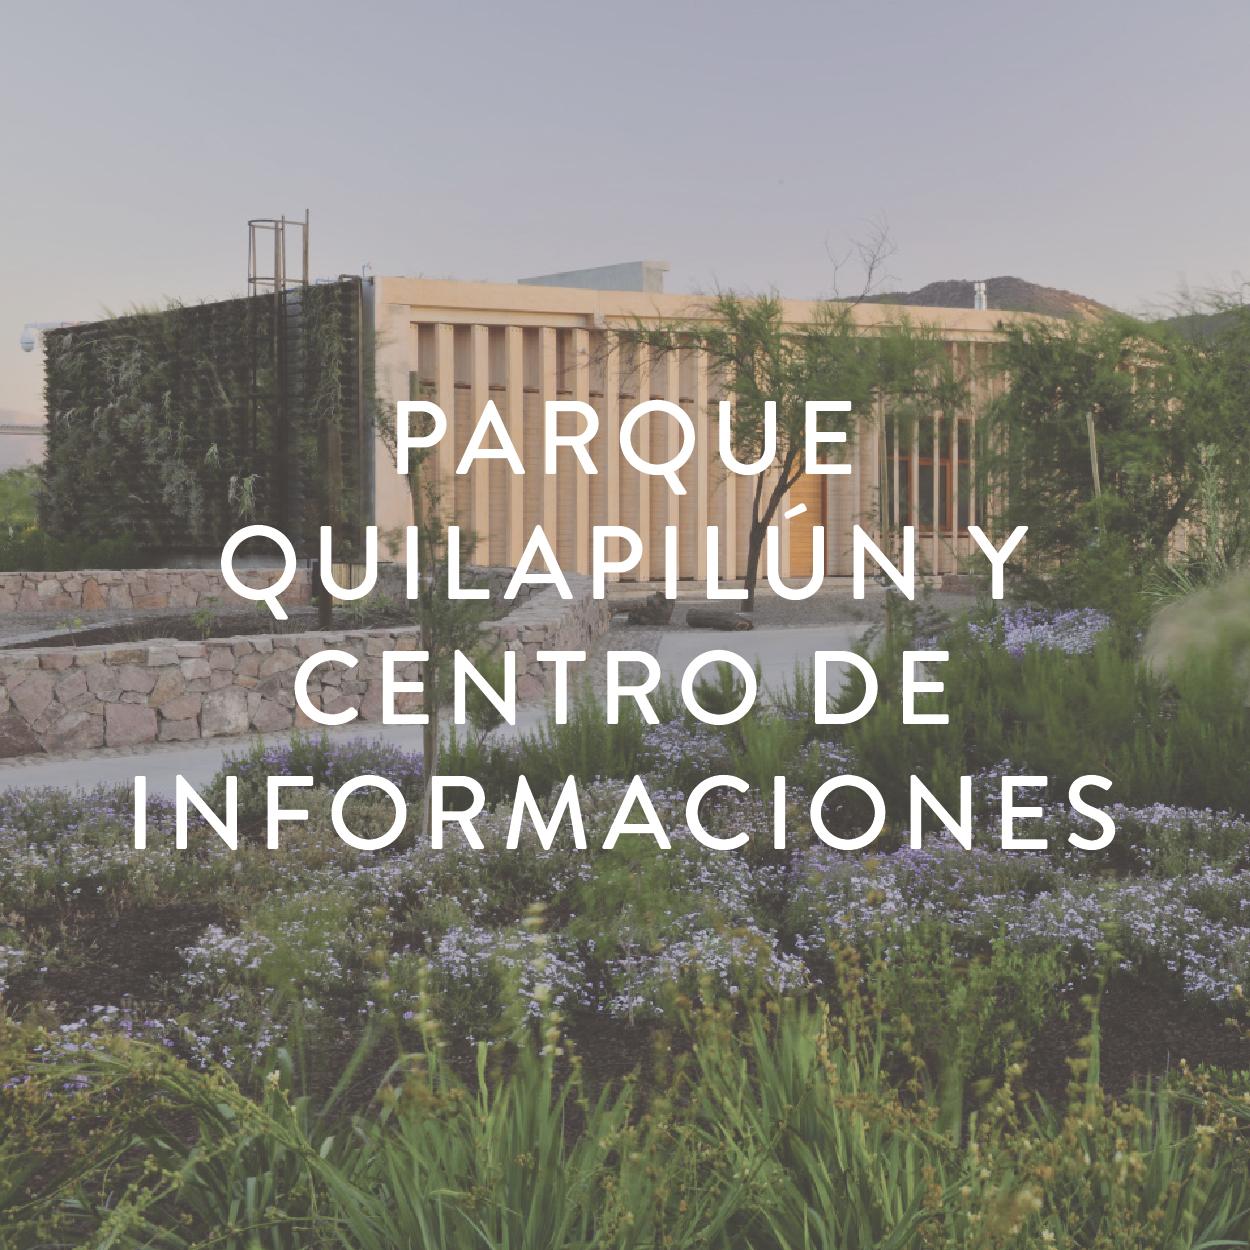 Imagenes Portada Proyectos-23.jpg